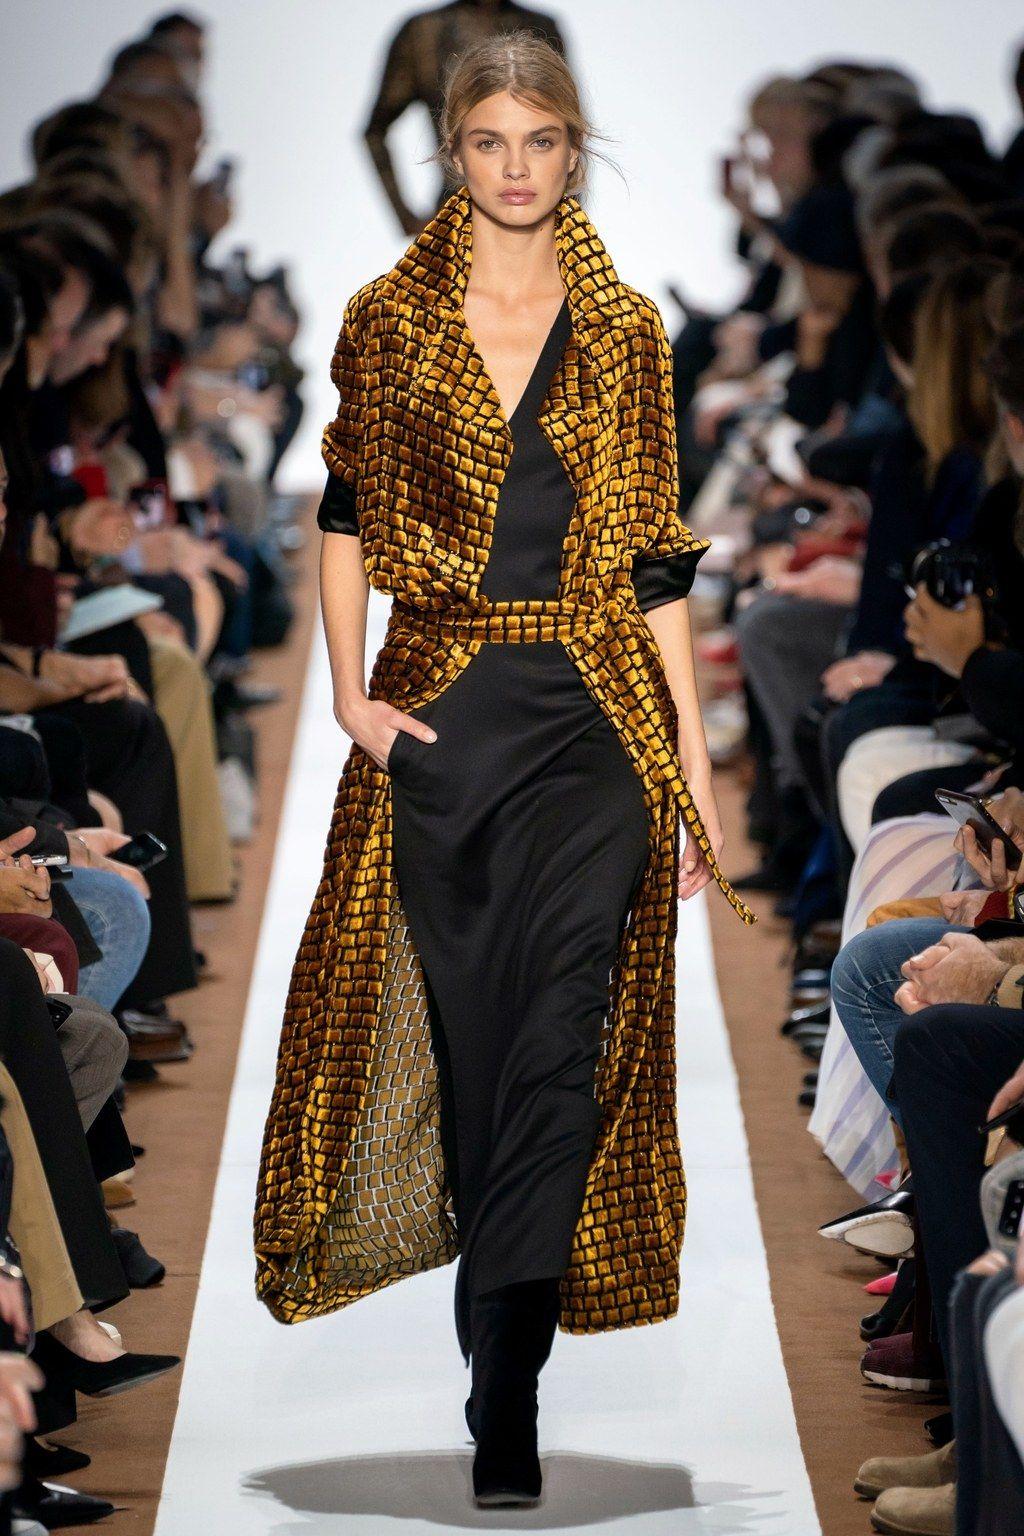 Akris Prêt à Porter Automne Hiver 2019 2020 Défilé Vogue Paris Defile Mode Prêt à Porter Tendances Mode Automne